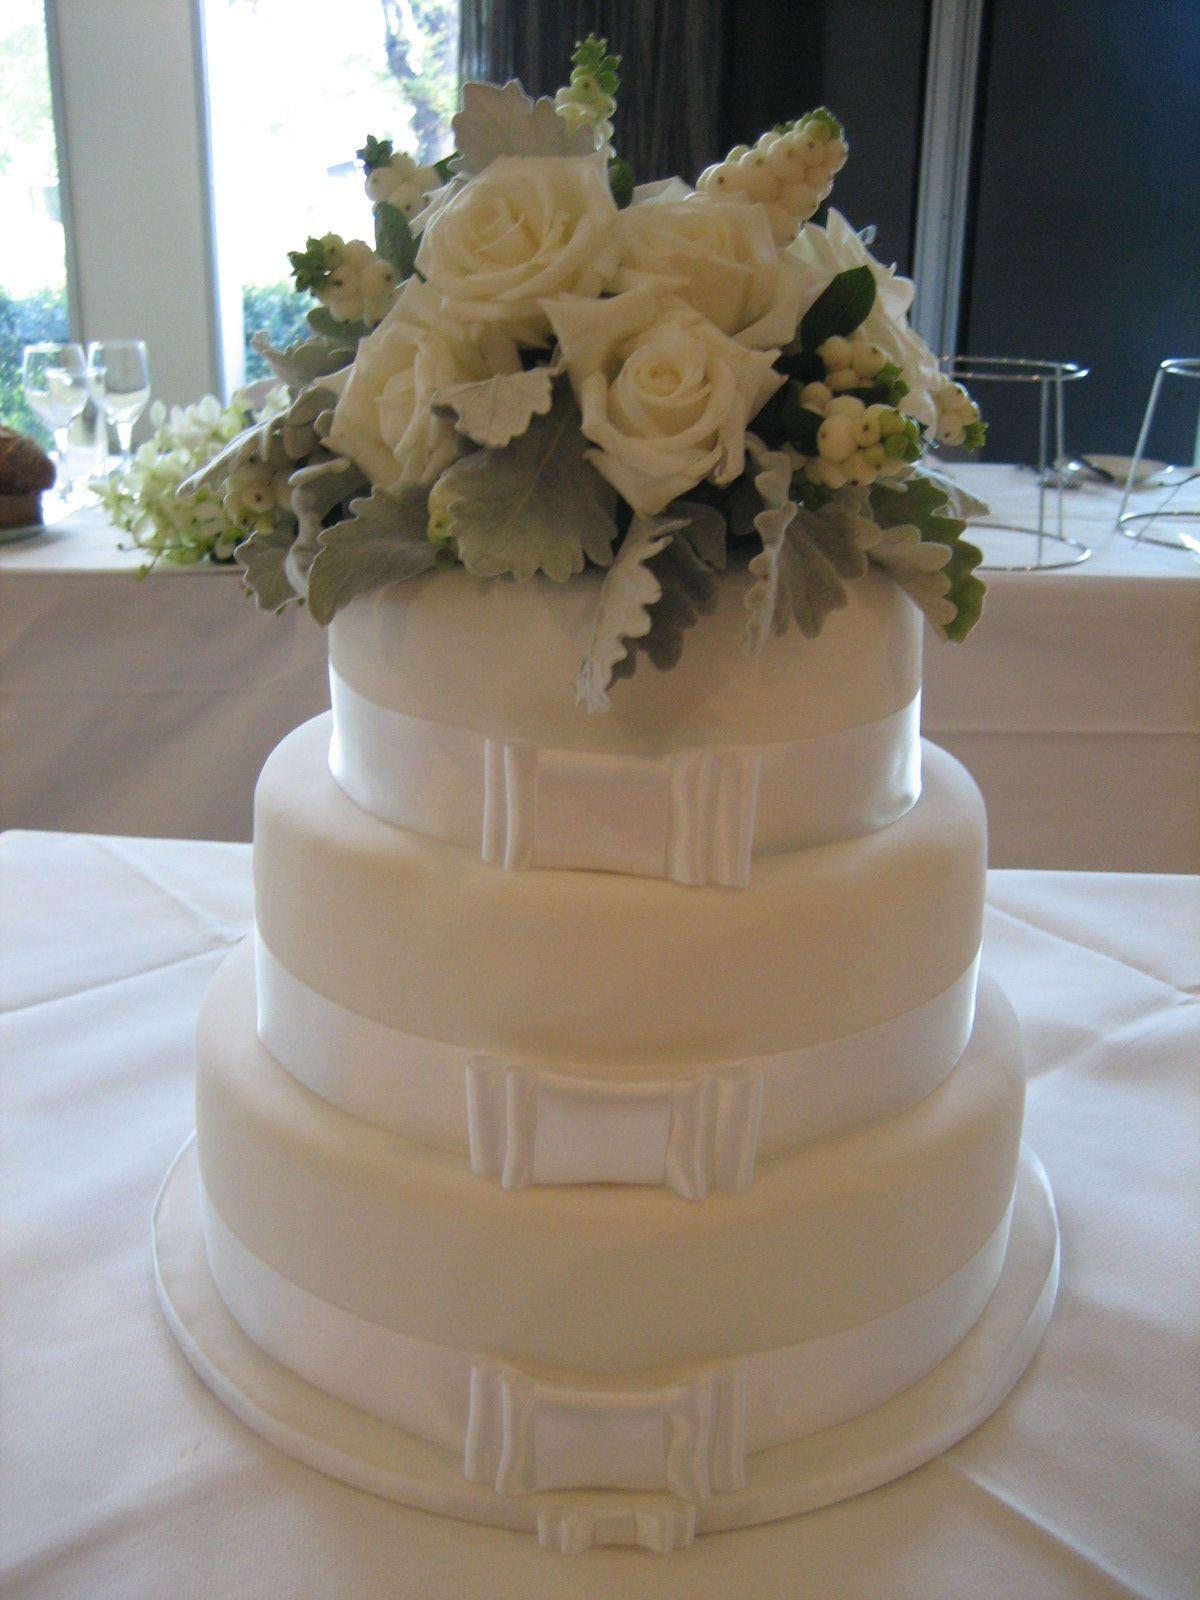 Fresh Flowers On Wedding Cakes  Fresh flower wedding cake topper using white roses dusty